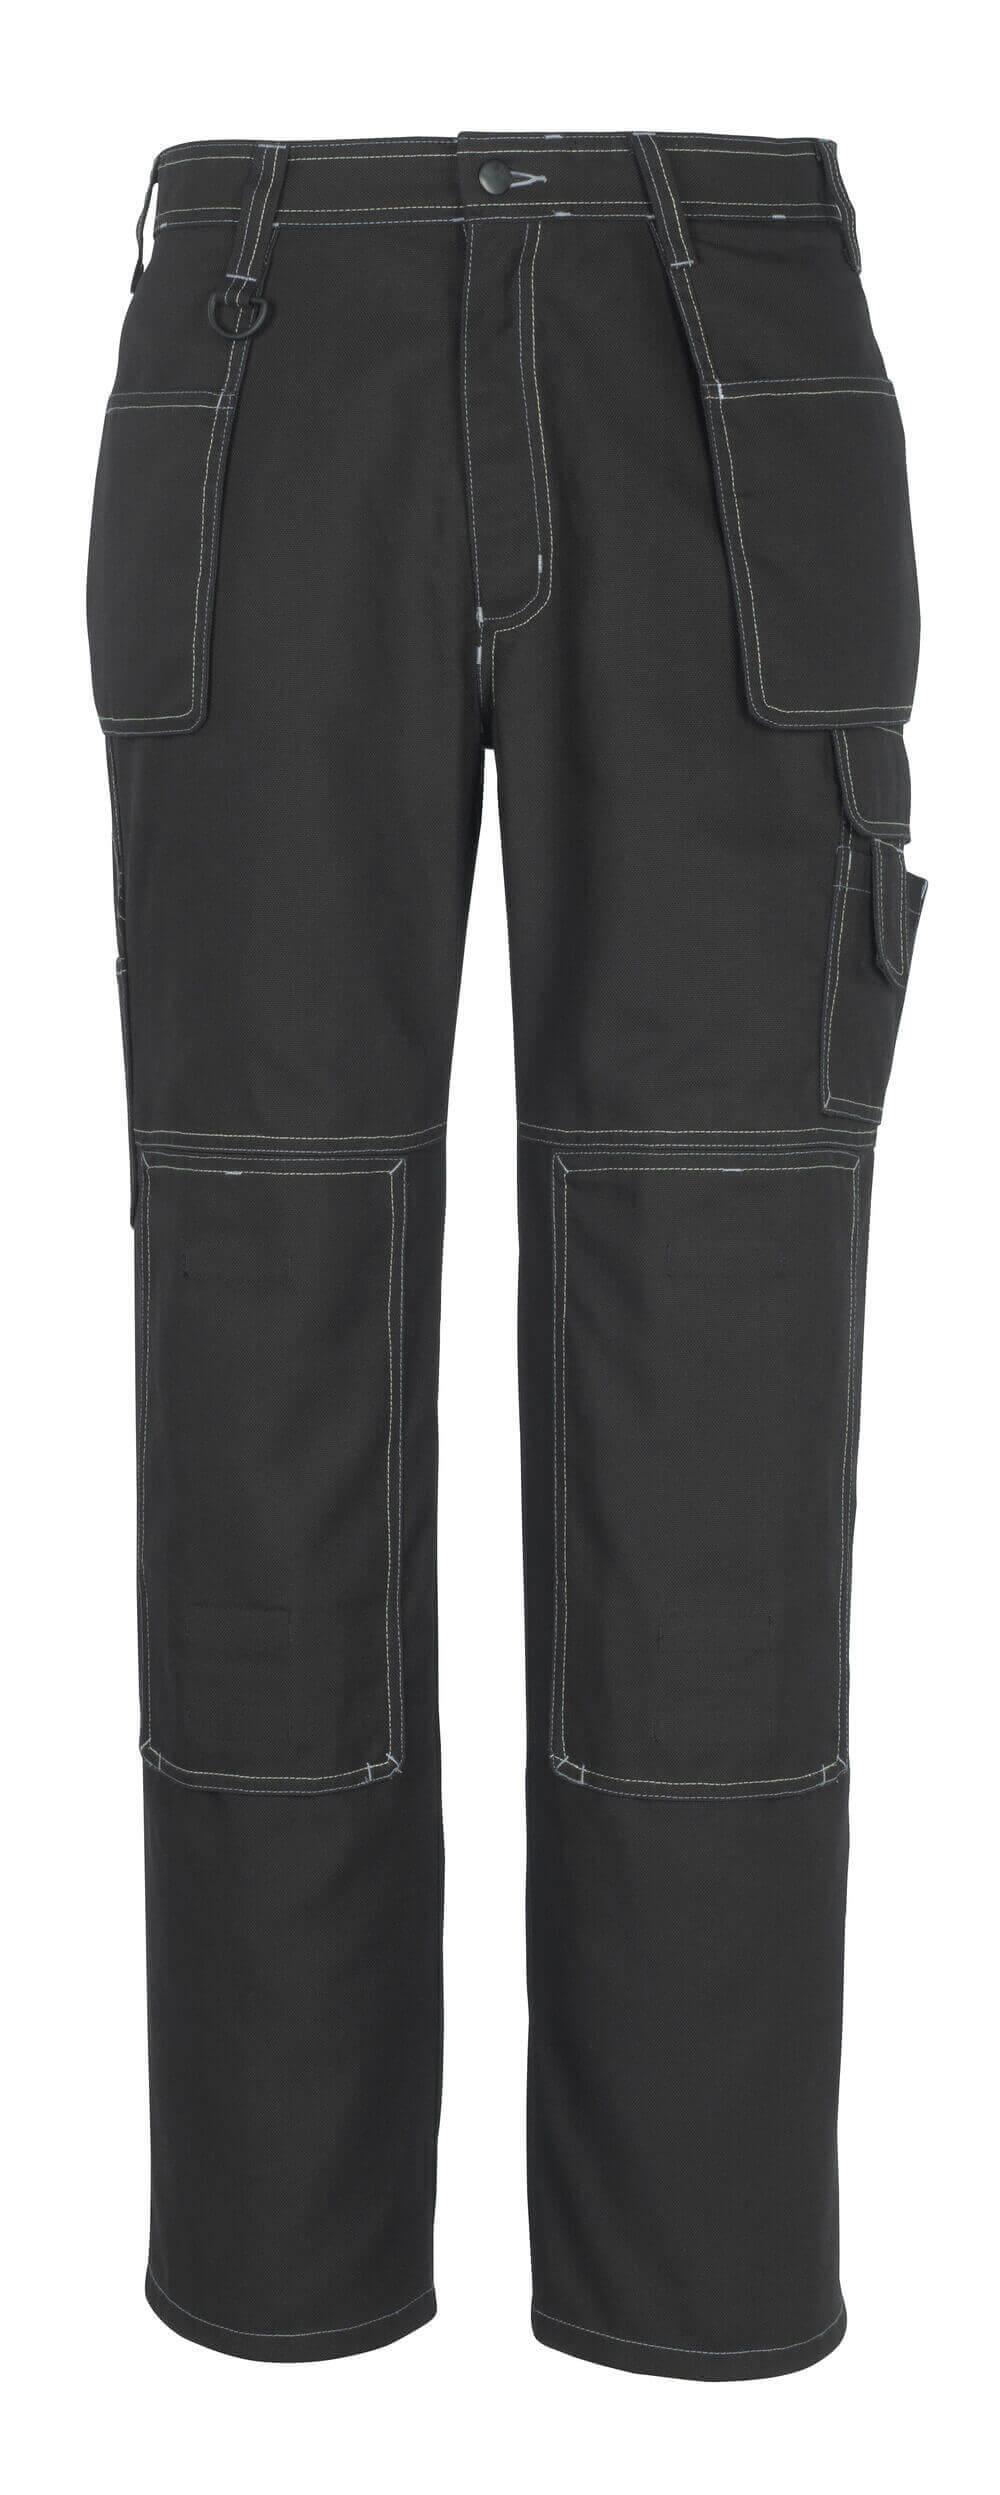 50194-884-09 Hose mit Knie- und Hängetaschen - Schwarz